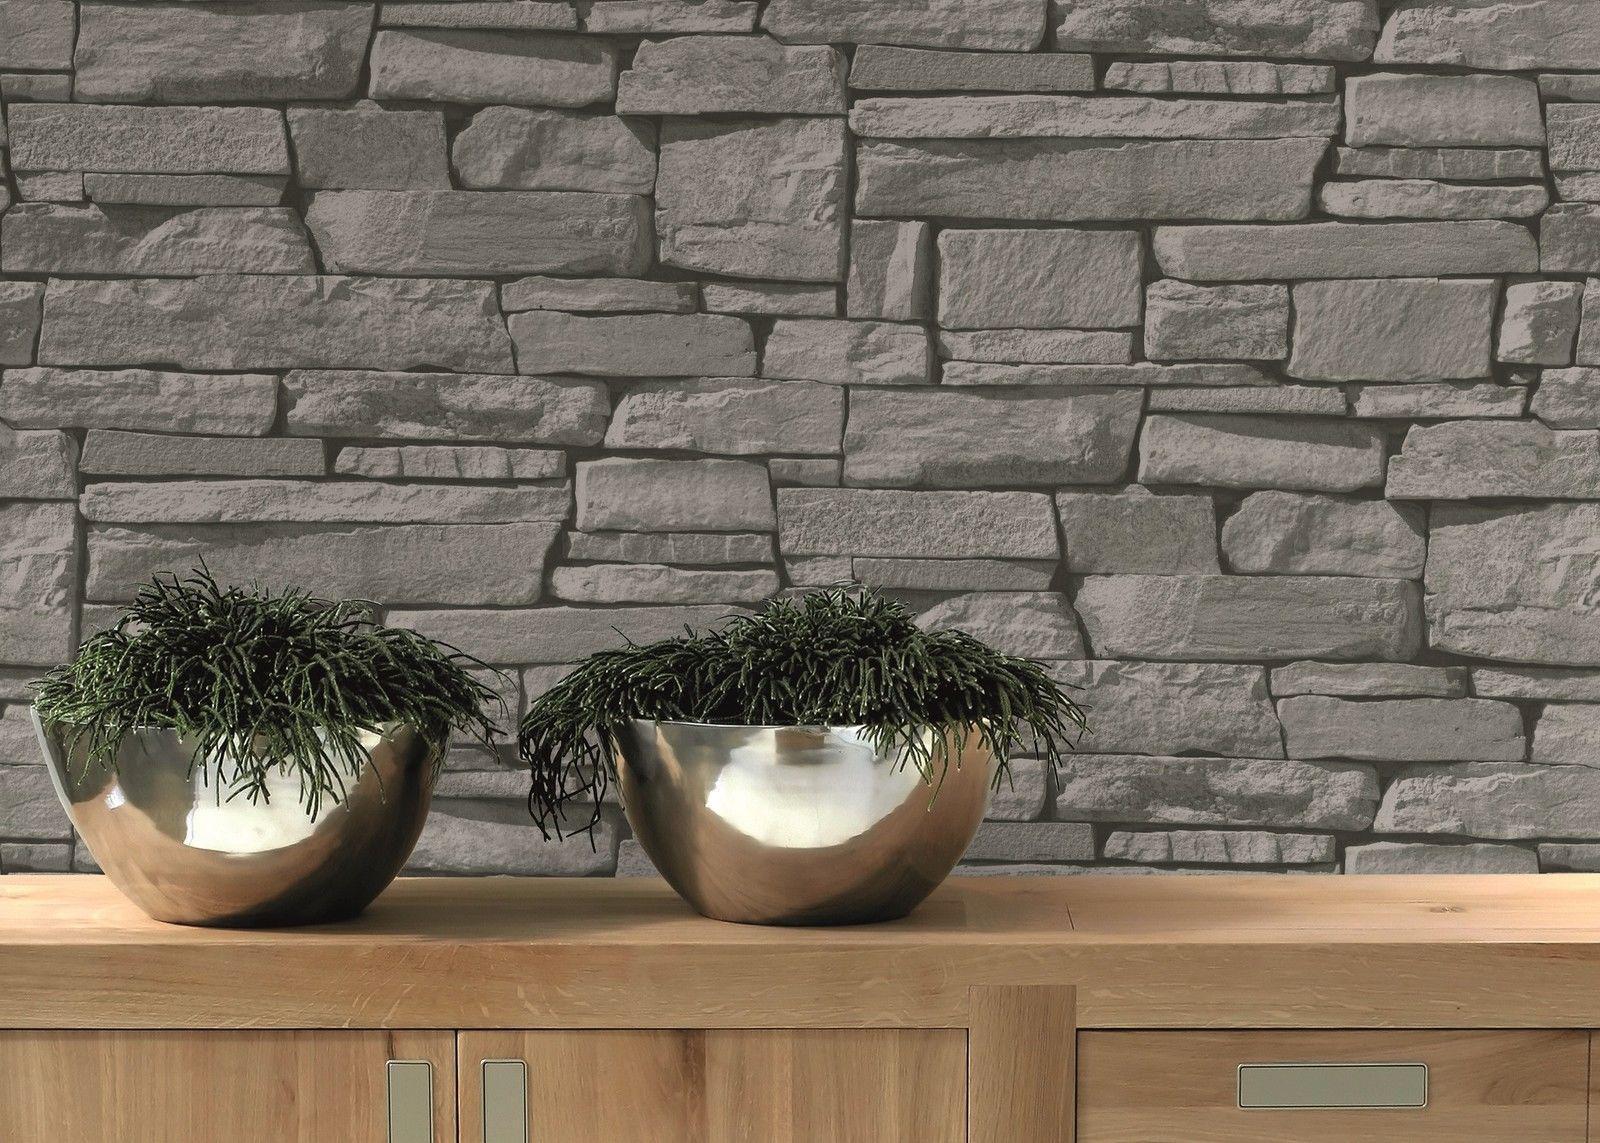 vlies tapete bruchstein stein mauer ziegelstein grau klinker grandeco kaufen bei joratrend e k. Black Bedroom Furniture Sets. Home Design Ideas